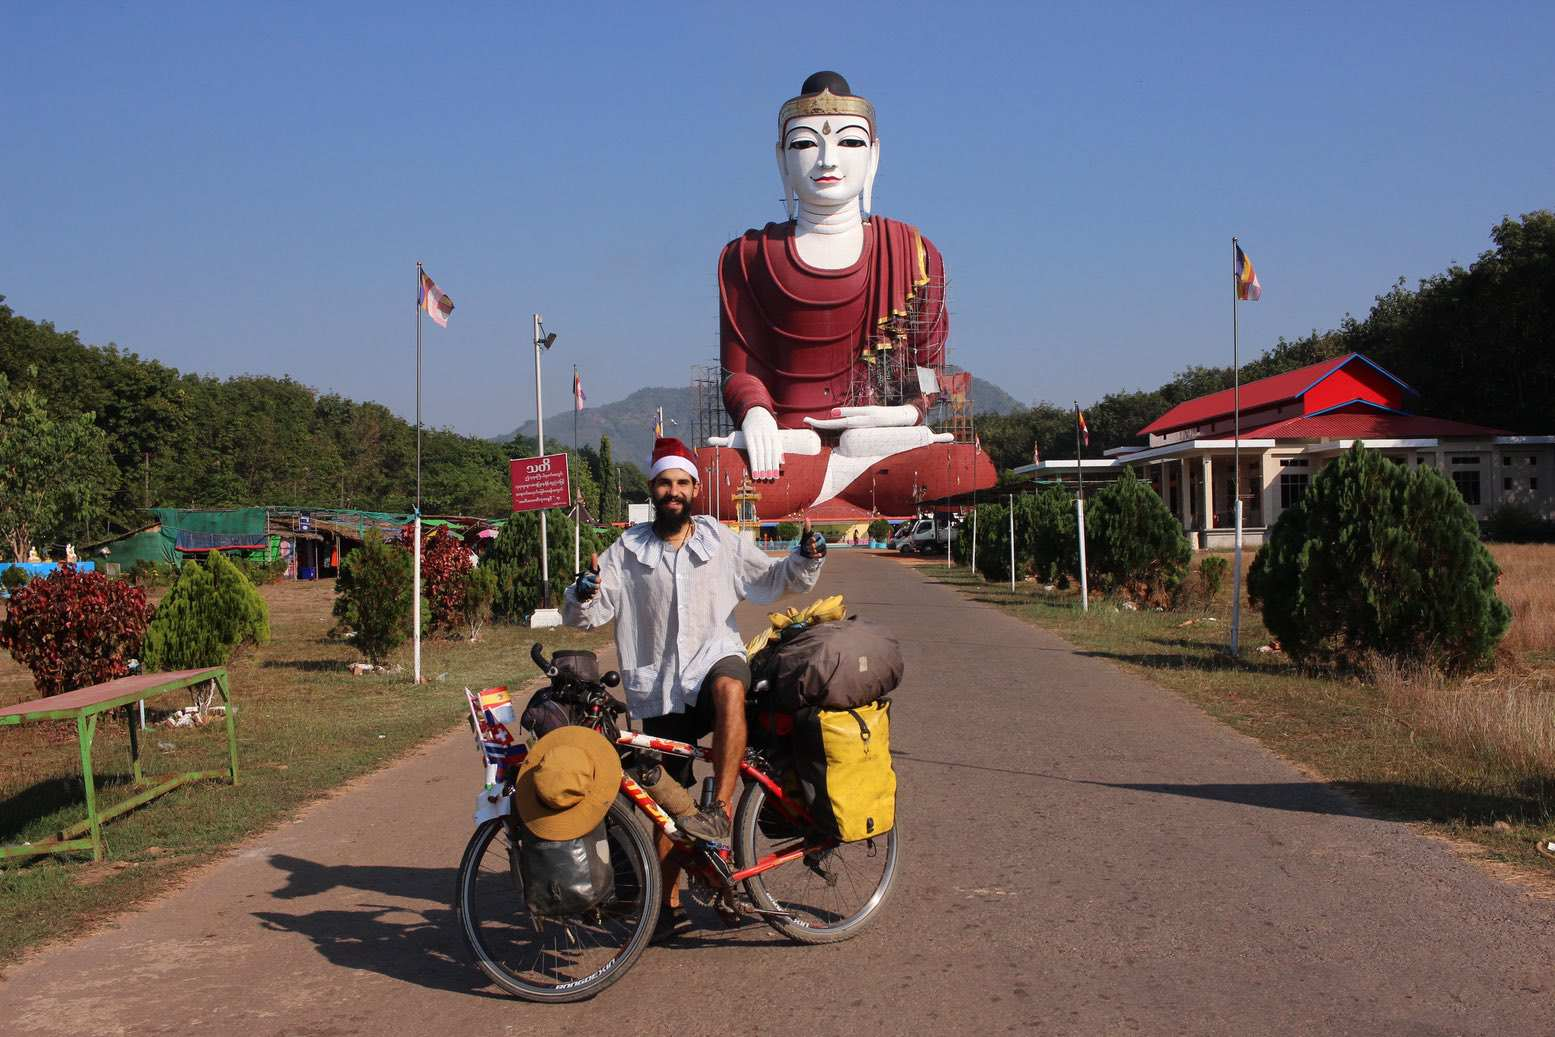 Elías Escribano en Birmania por Navidad04 - Perlé desea FELIZ NAVIDAD a todos sus seguidoresdesde Birmania.